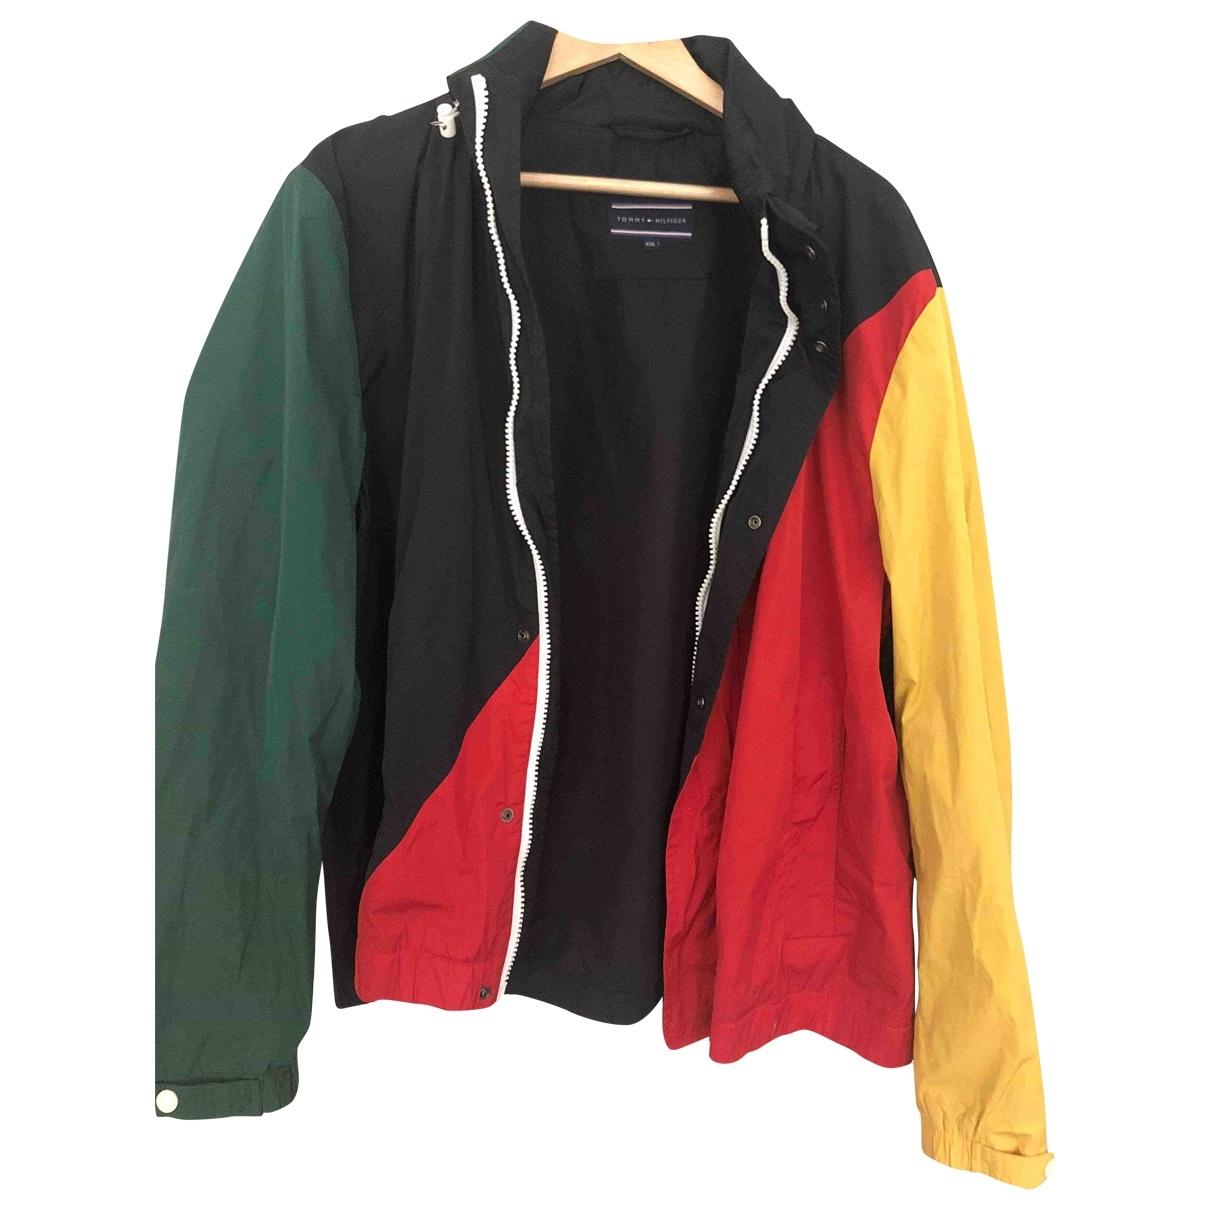 Tommy Hilfiger \N Black jacket  for Men XXL International